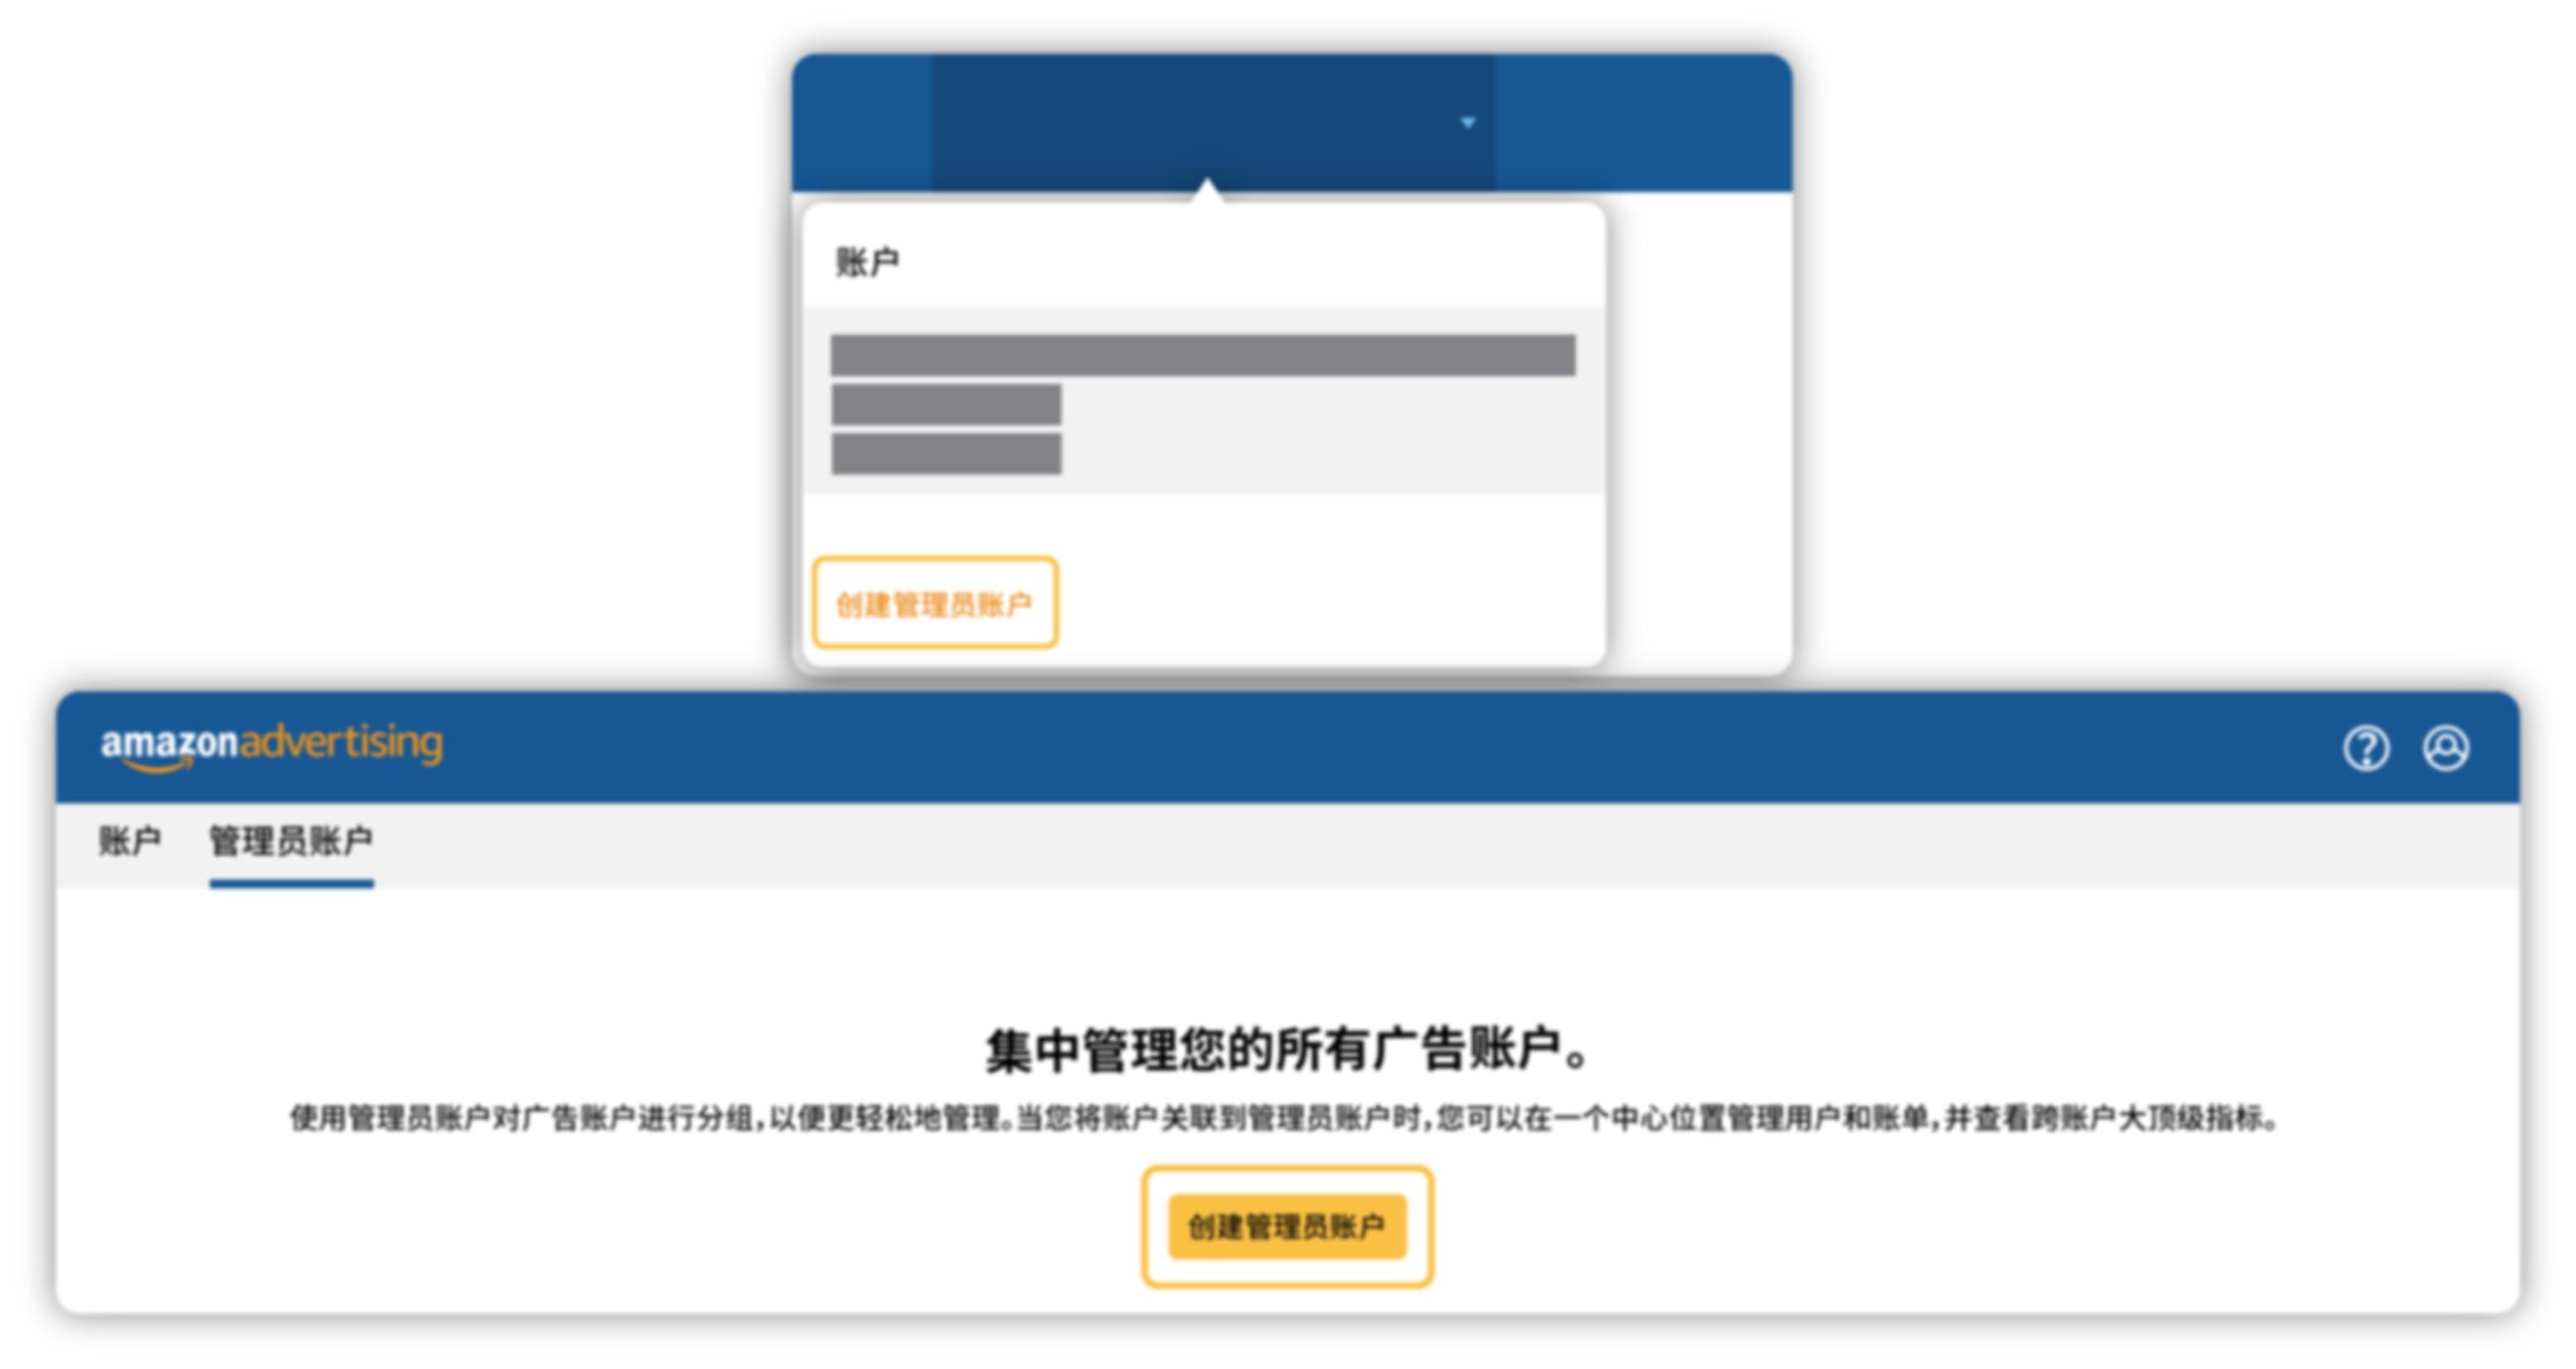 创建亚马逊管理员账户界面